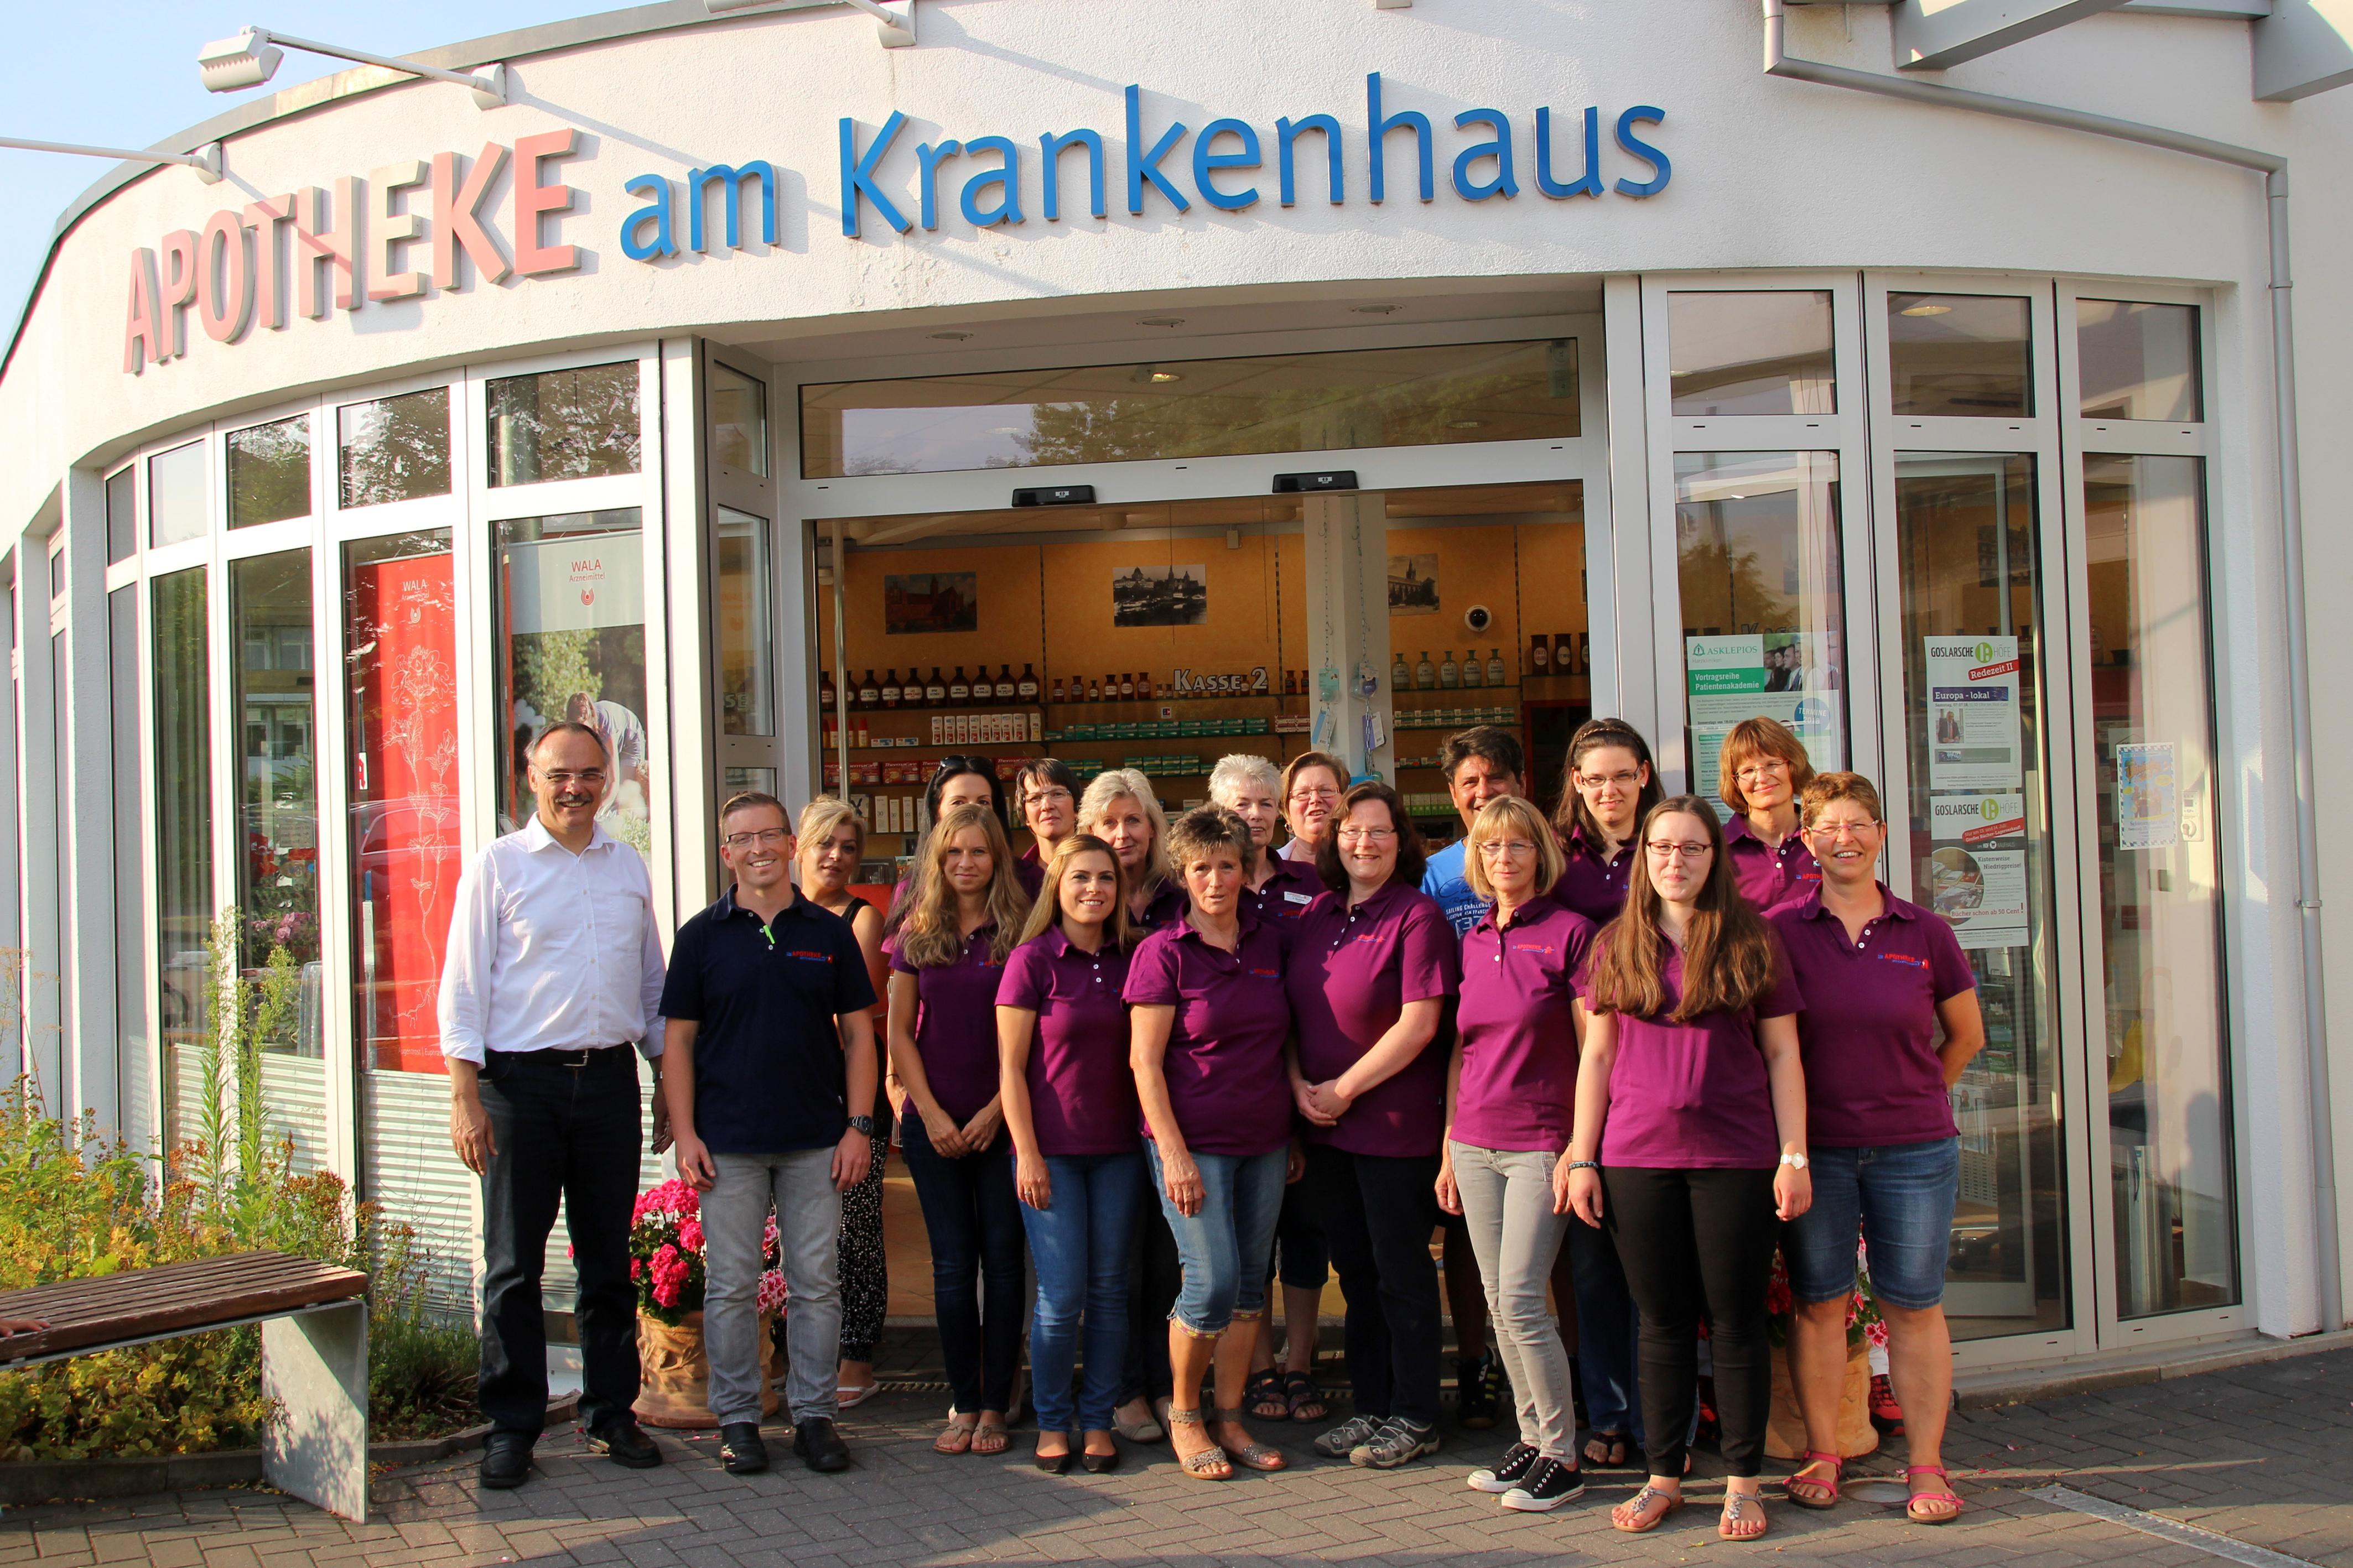 Team der Apotheke am Krankenhaus -Zweigniederlassung der Löwen Apotheke Oker